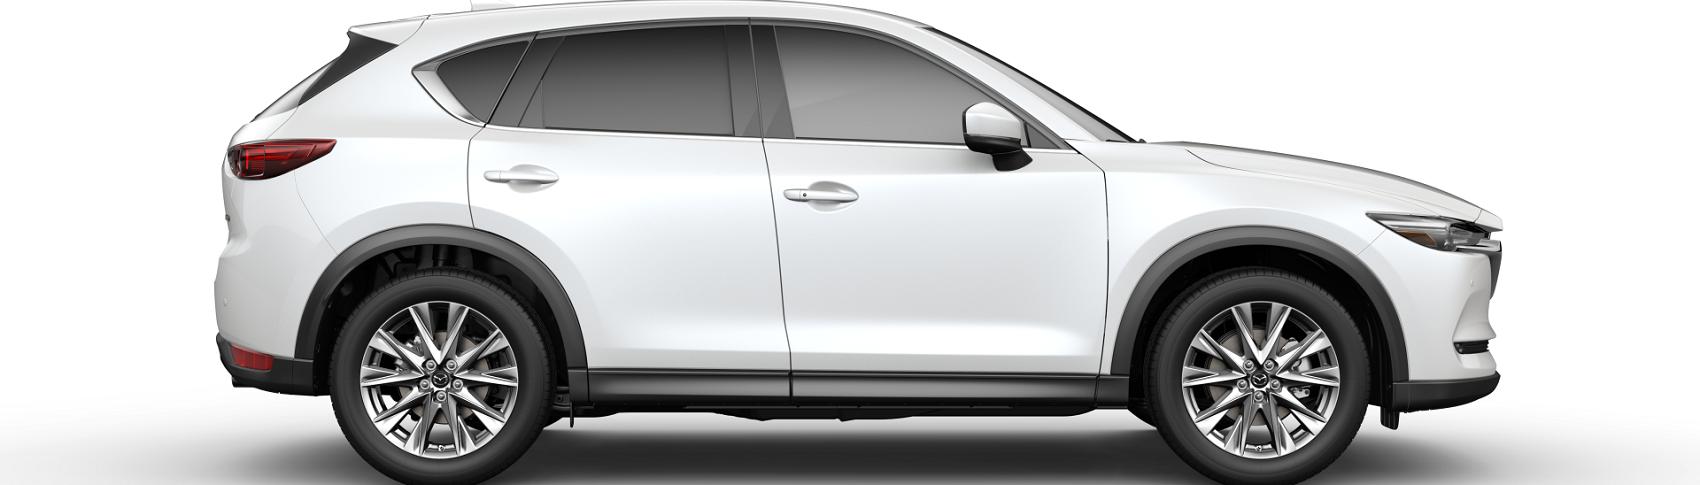 2019 Mazda CX5 White